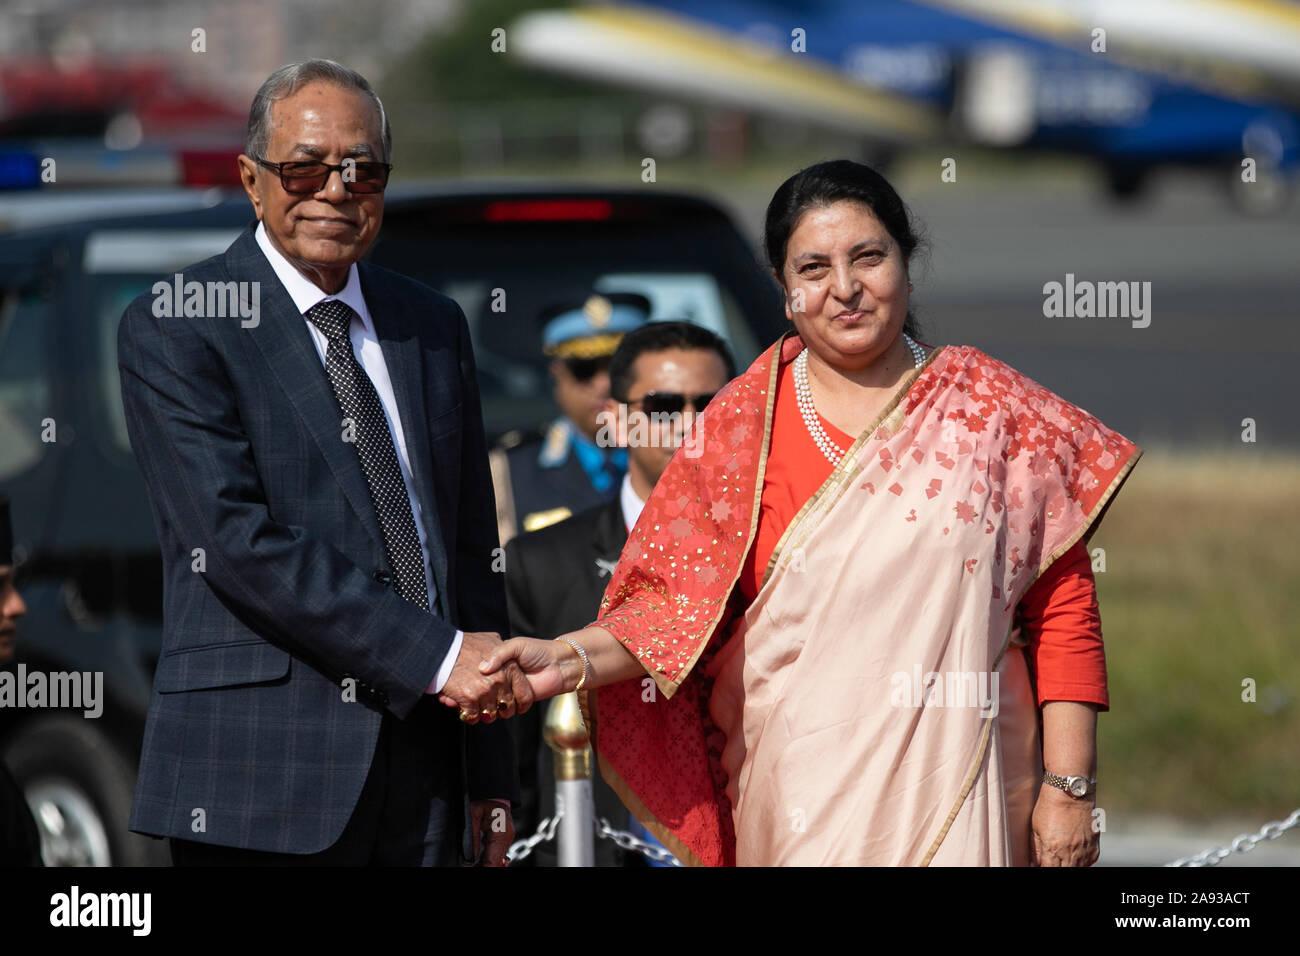 Katmandou, Népal. 12 Nov, 2019. Le président du Bangladesh Abdul Hamid (L) et président du Népal Bidhya Devi Bhandari (R) se serrer la main au cours d'une cérémonie d'accueil à l'aéroport international de Tribhuvan à Katmandou, Népal, 21 novembre 2019. (Photo de Prabin Ranabhat/Pacific Press) Credit: Pacific Press Agency/Alamy Live News Banque D'Images